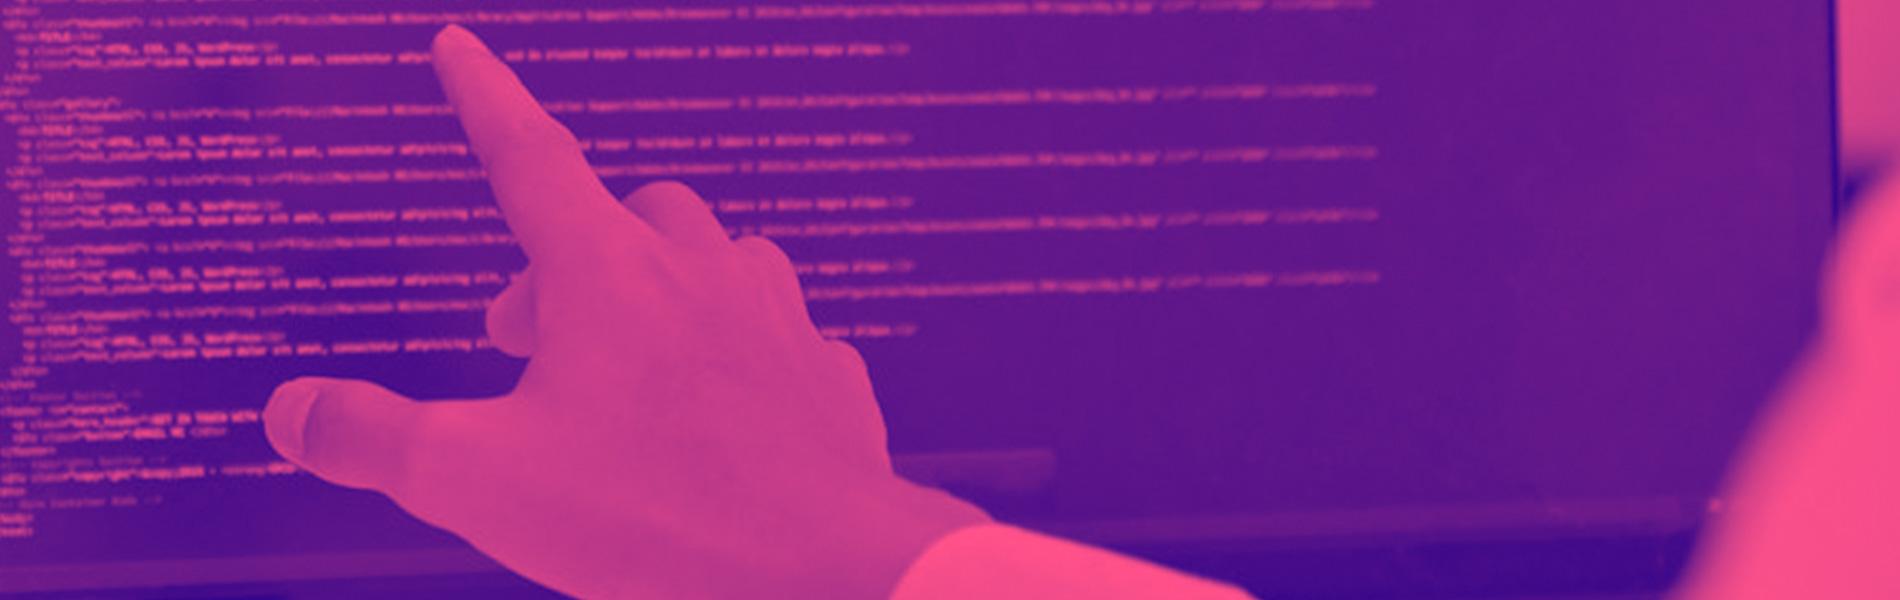 Python como lenguaje orientado a objetos, ¿qué significa?